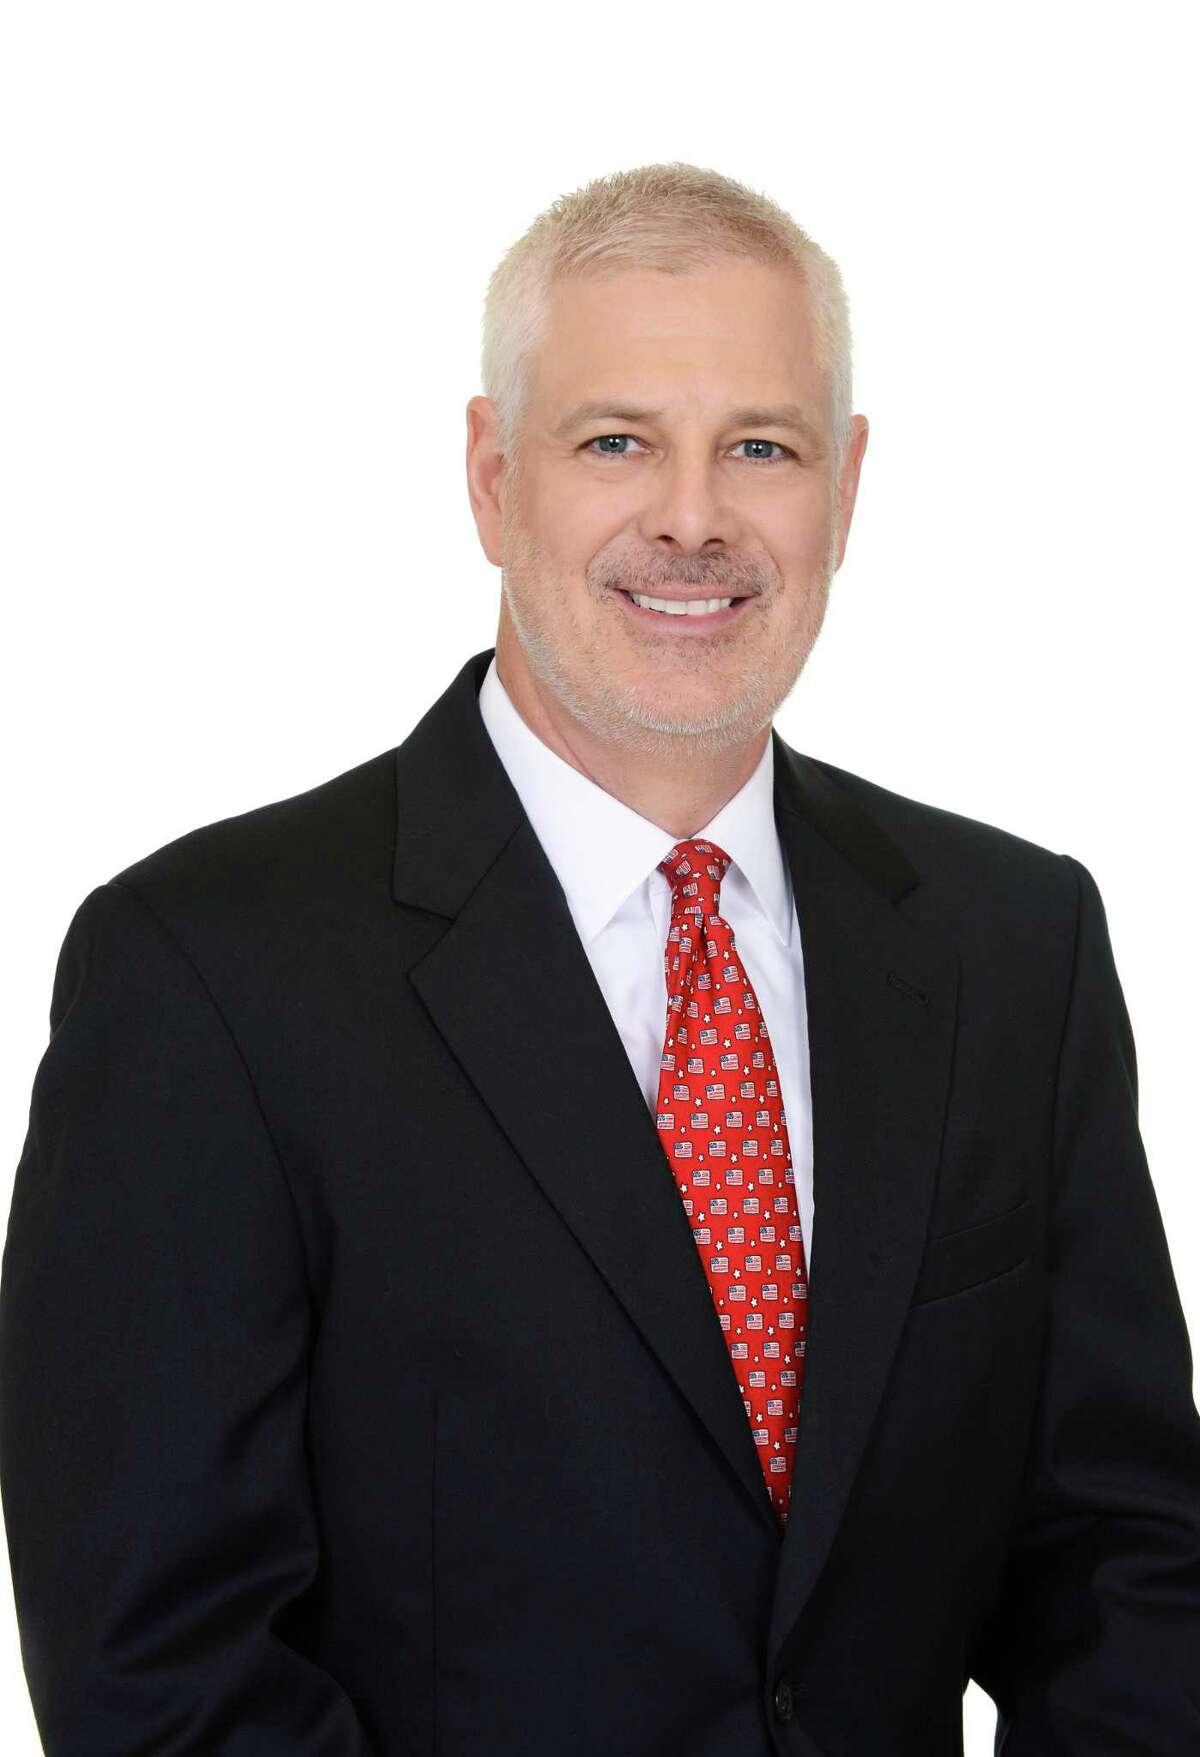 Lou Strubeck, bankruptcy partner at Norton Rose Fulbright